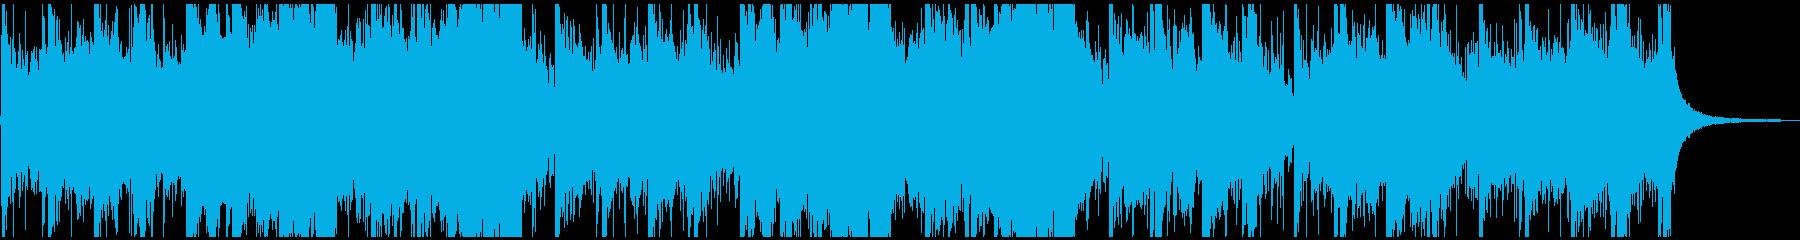 アラビアンな雰囲気のオーケストラBGMの再生済みの波形